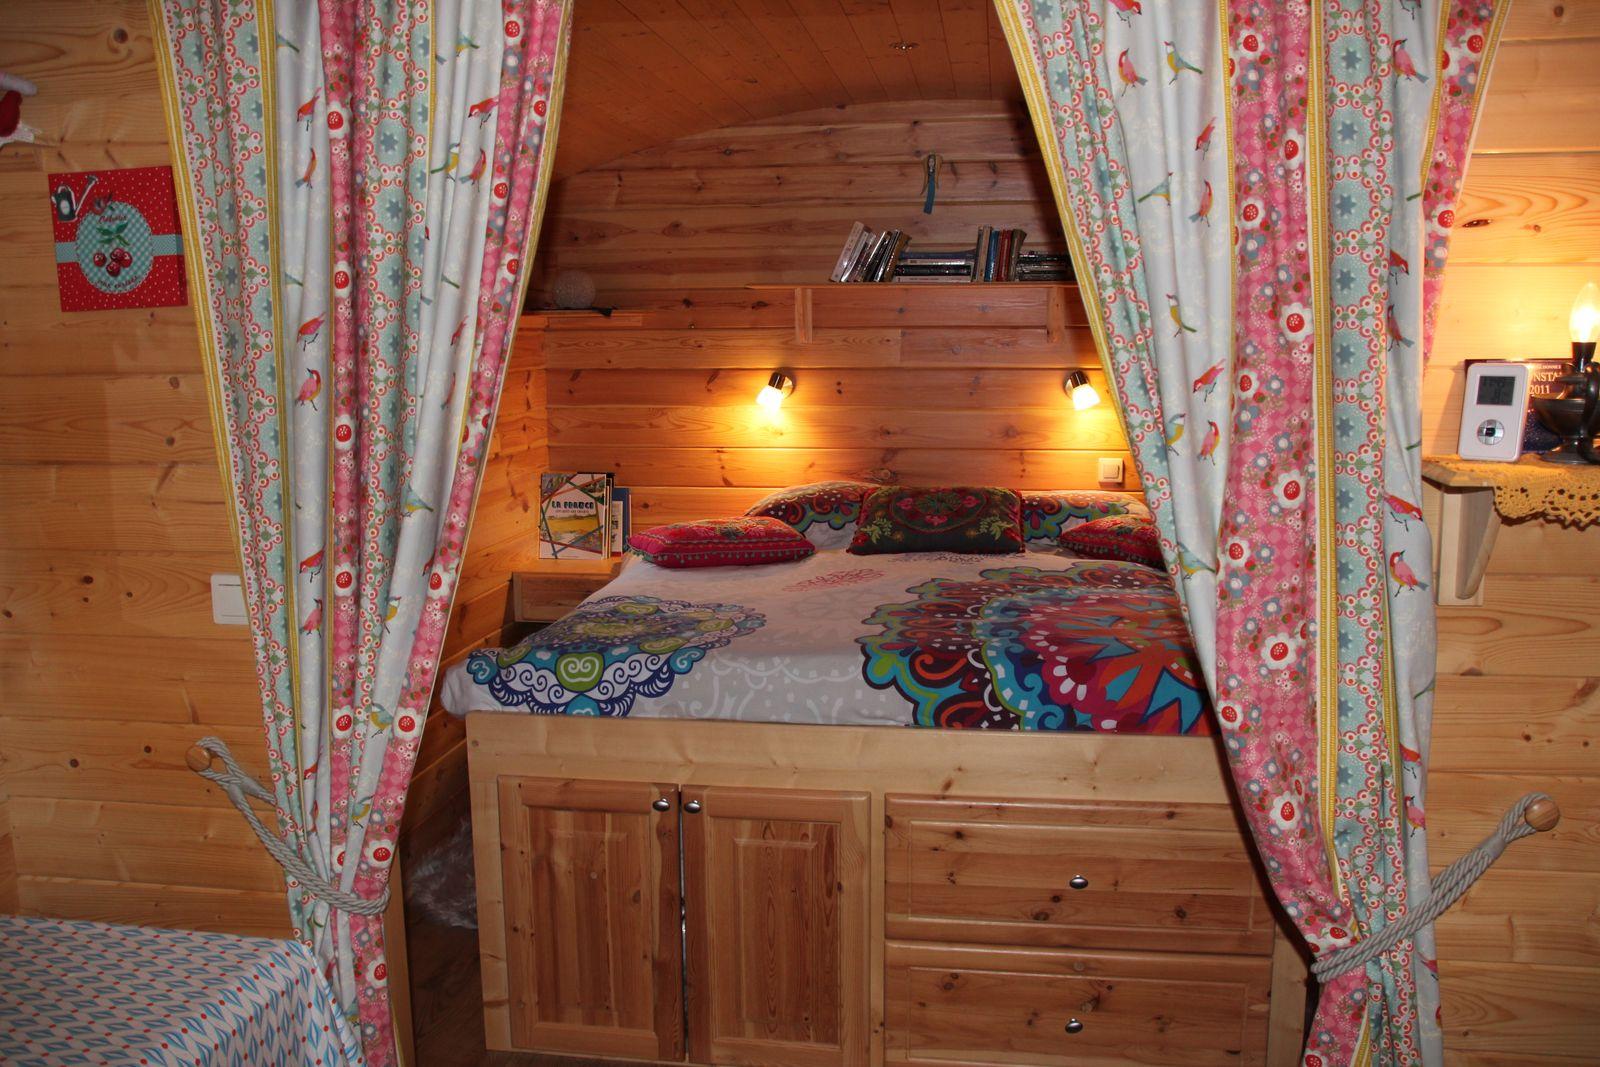 Grand lit dans la roulotte